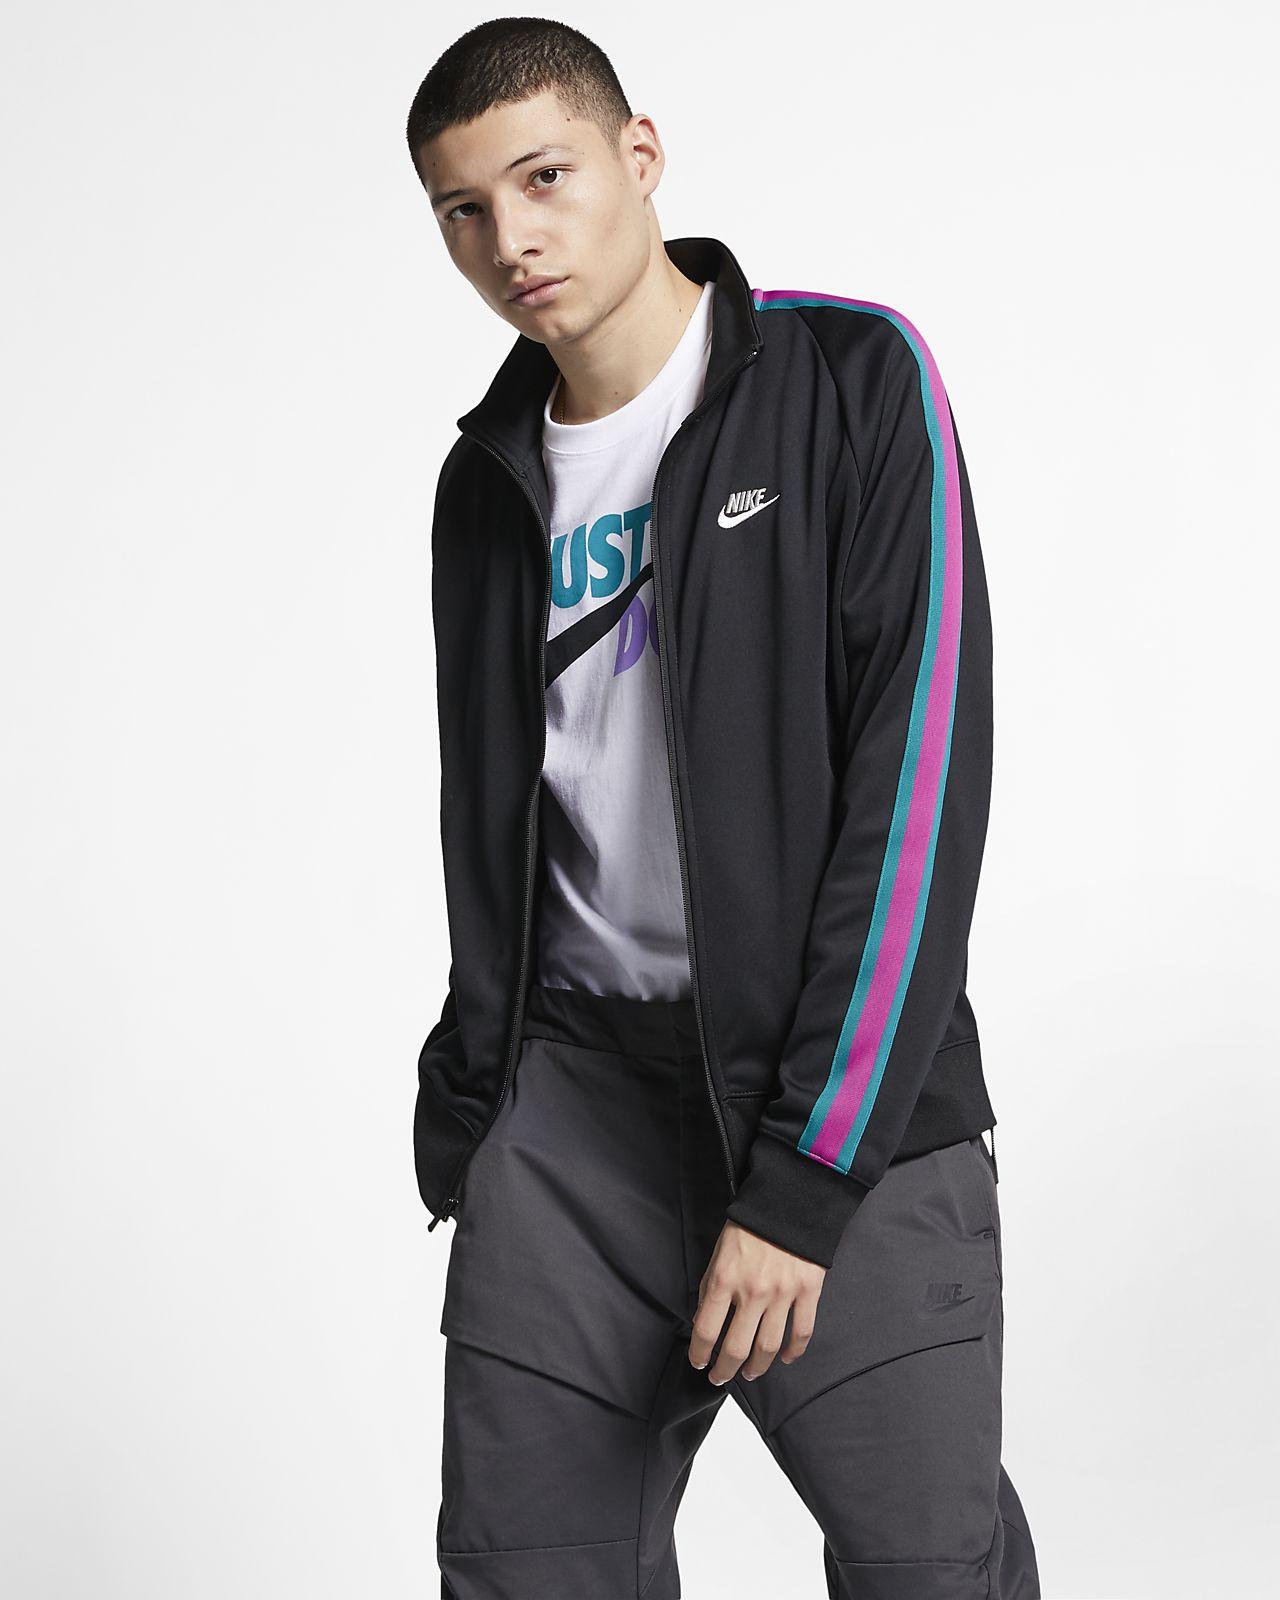 97ec63106 Nike Sportswear N98 Men's Knit Warm-Up Jacket. Nike.com PT